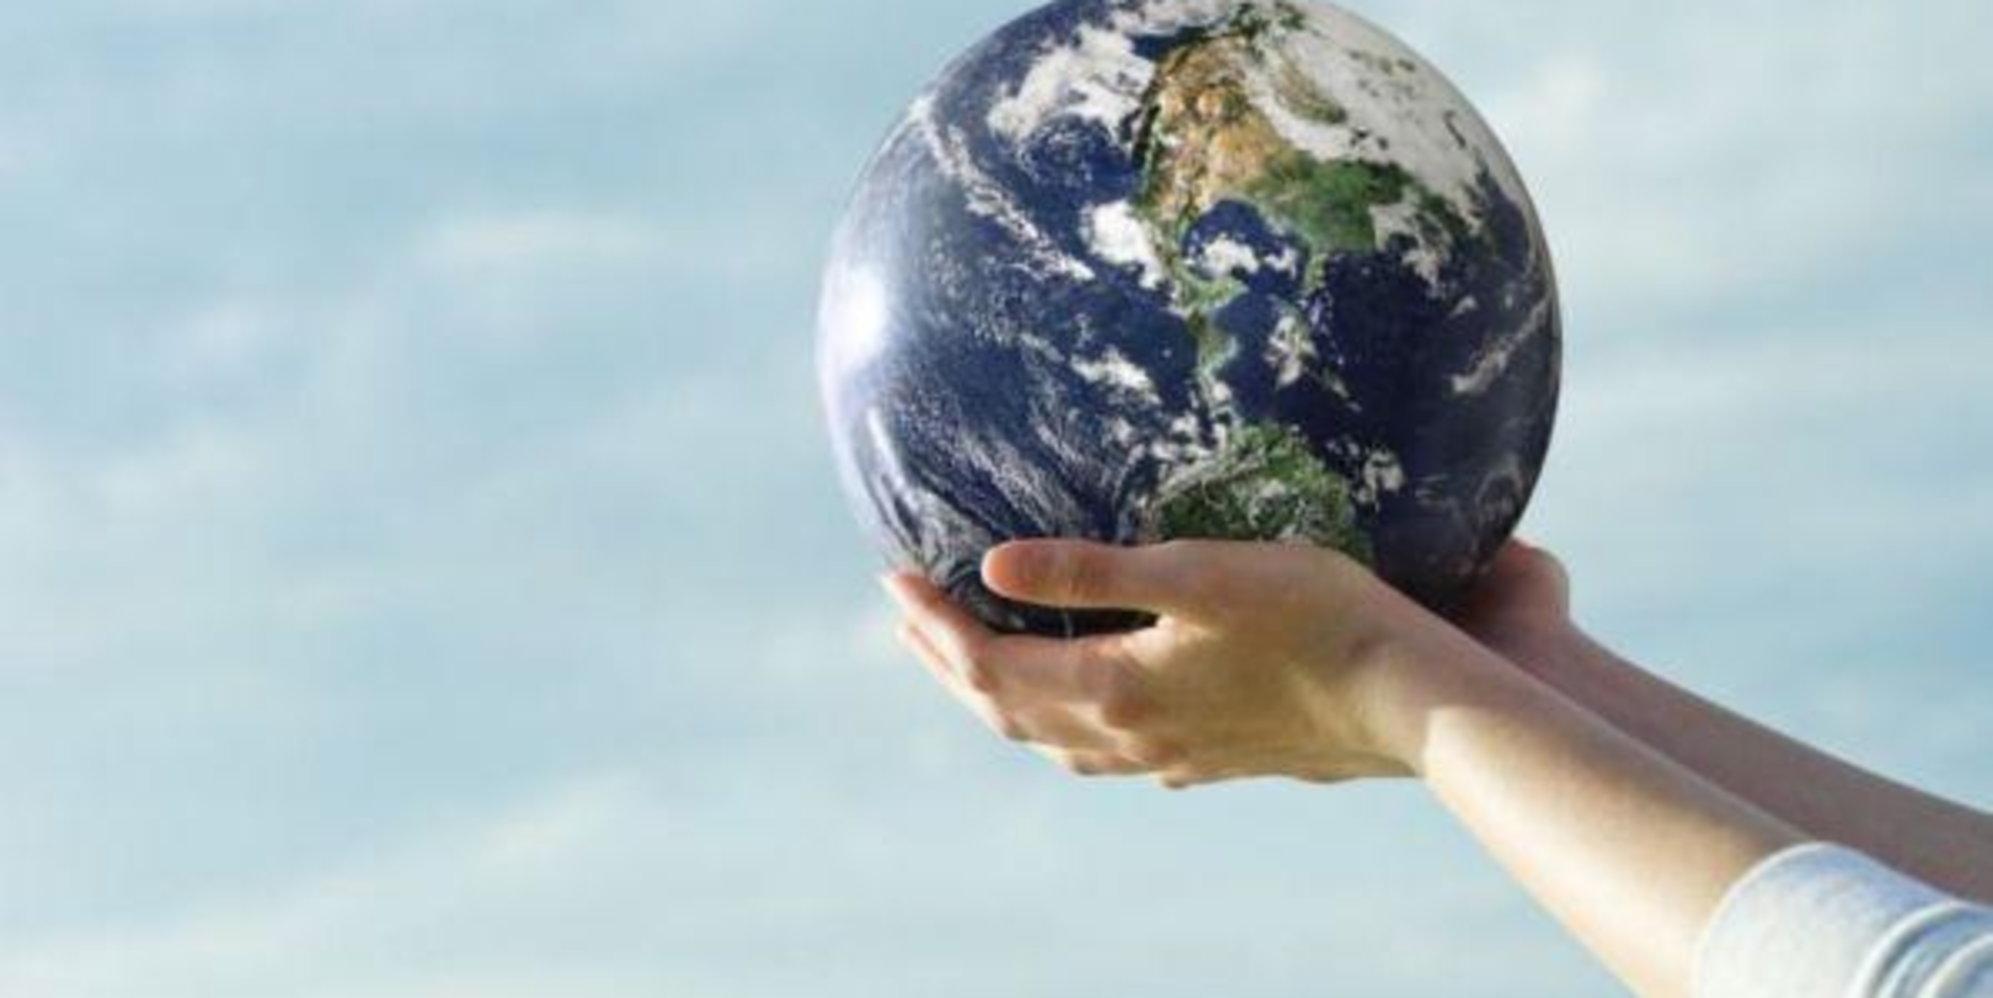 Giornata della Terra 2021, ora è corsa al taglio dei gas serra